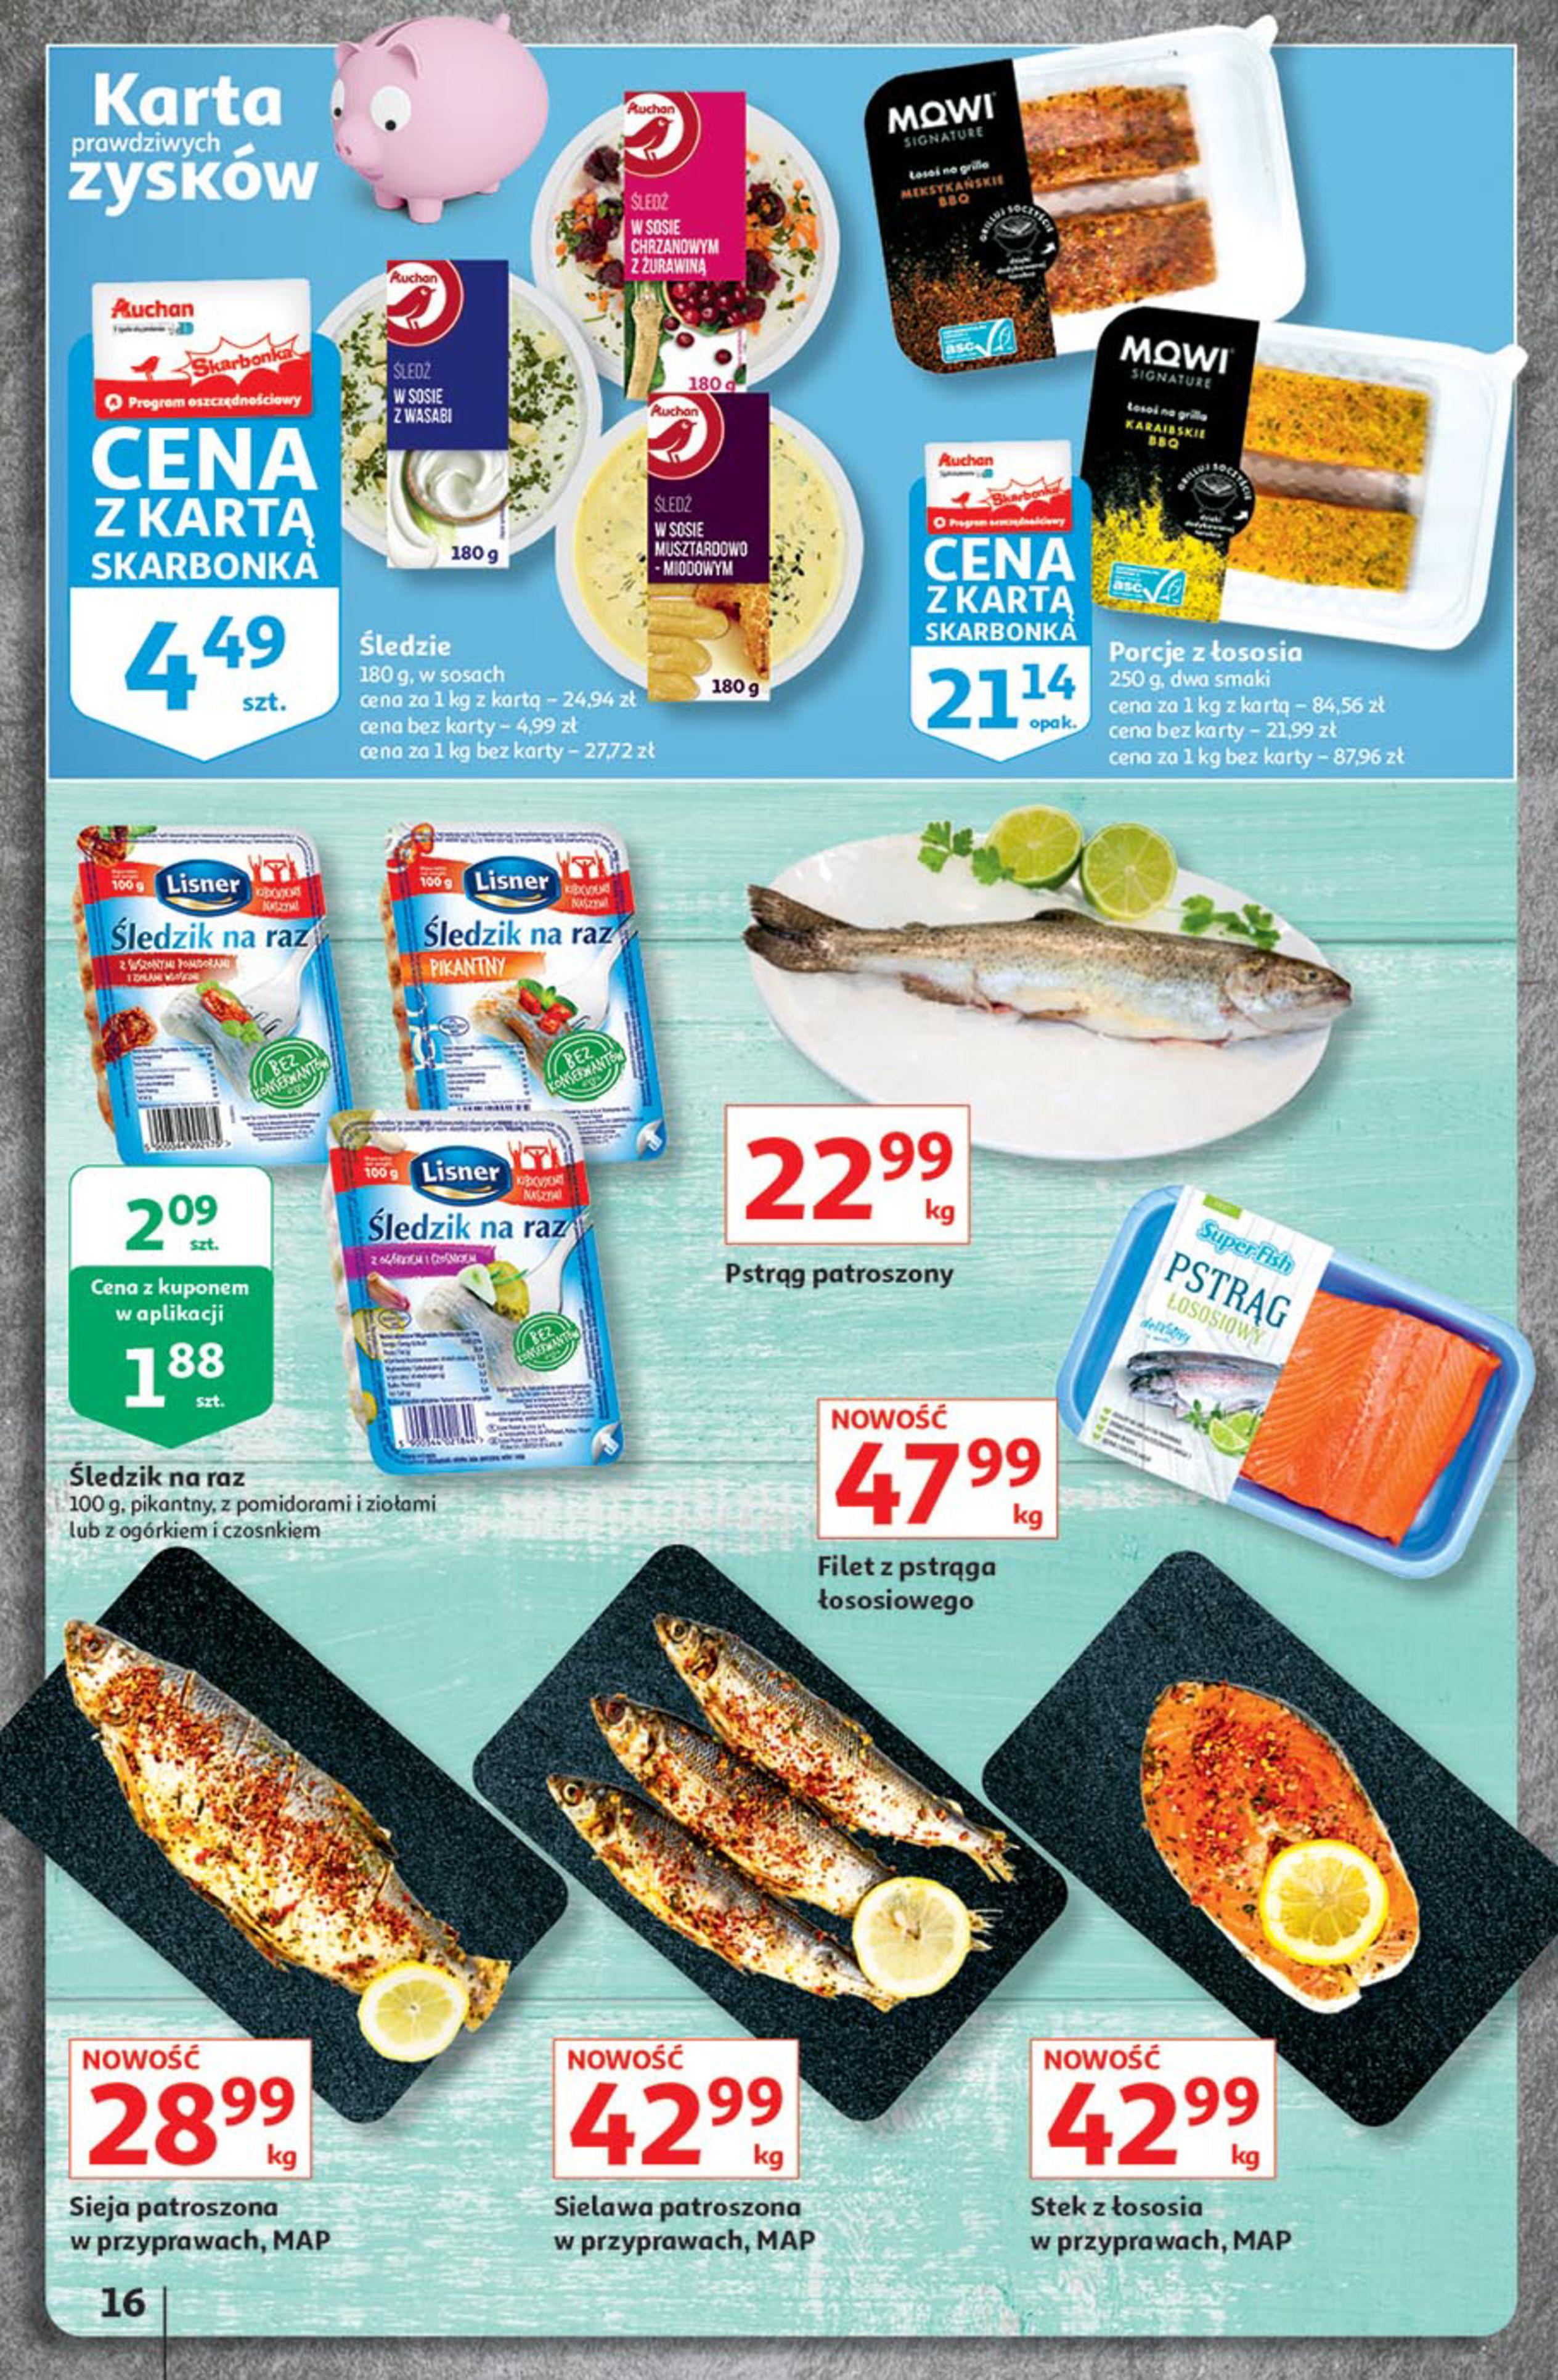 Gazetka Auchan: Gazetka Auchan - Euro 2020 2021-06-10 page-16